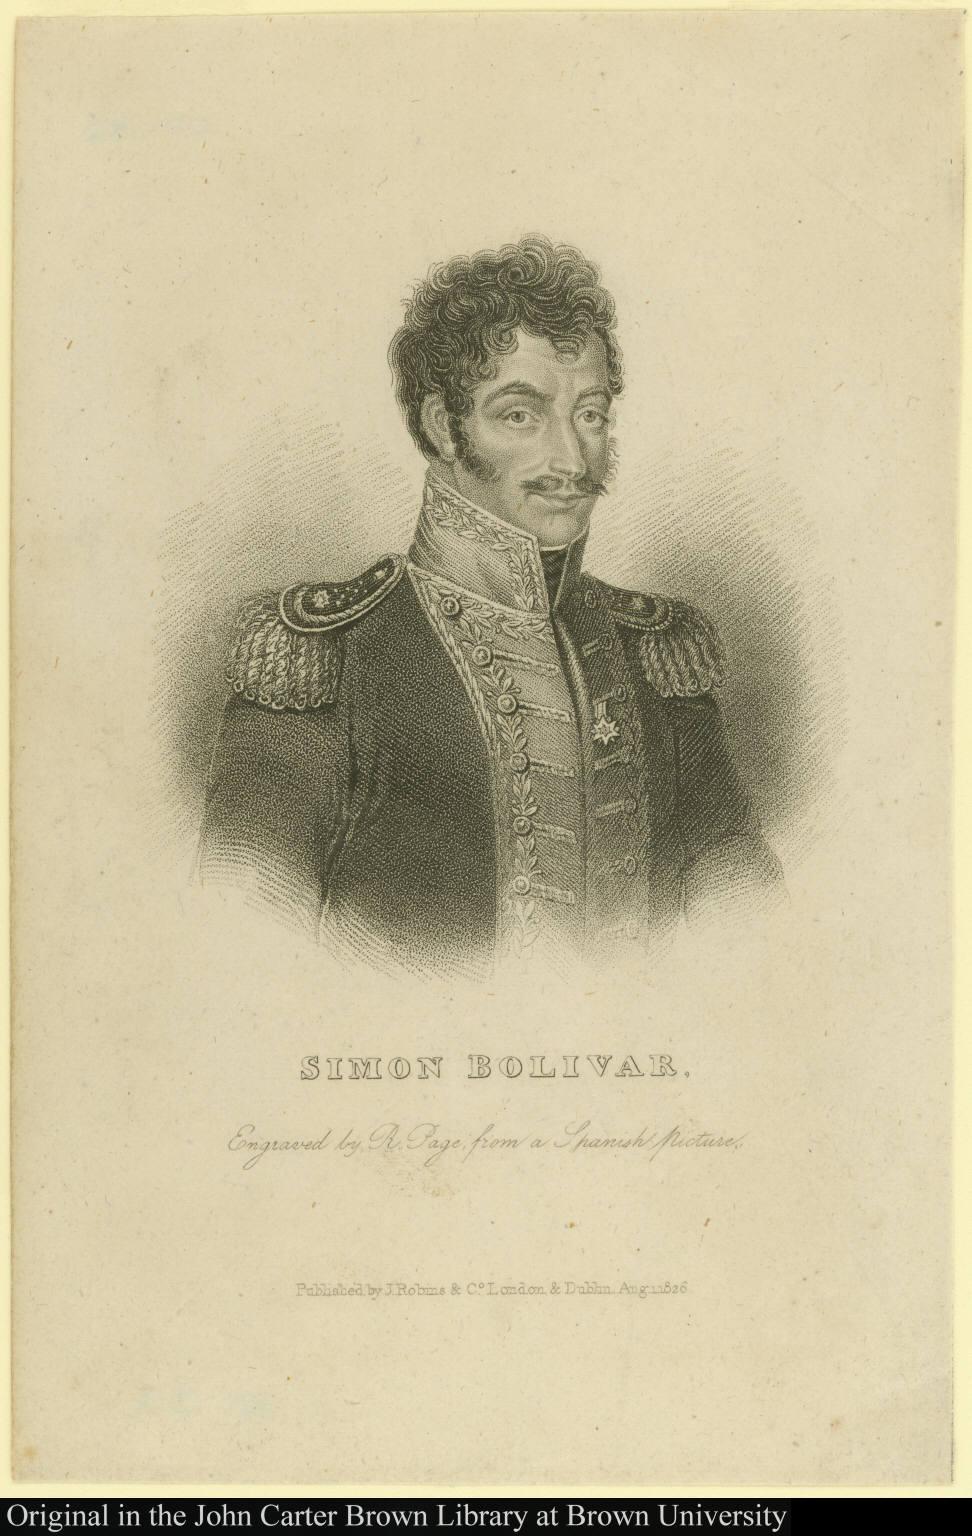 Simon Bolivar.